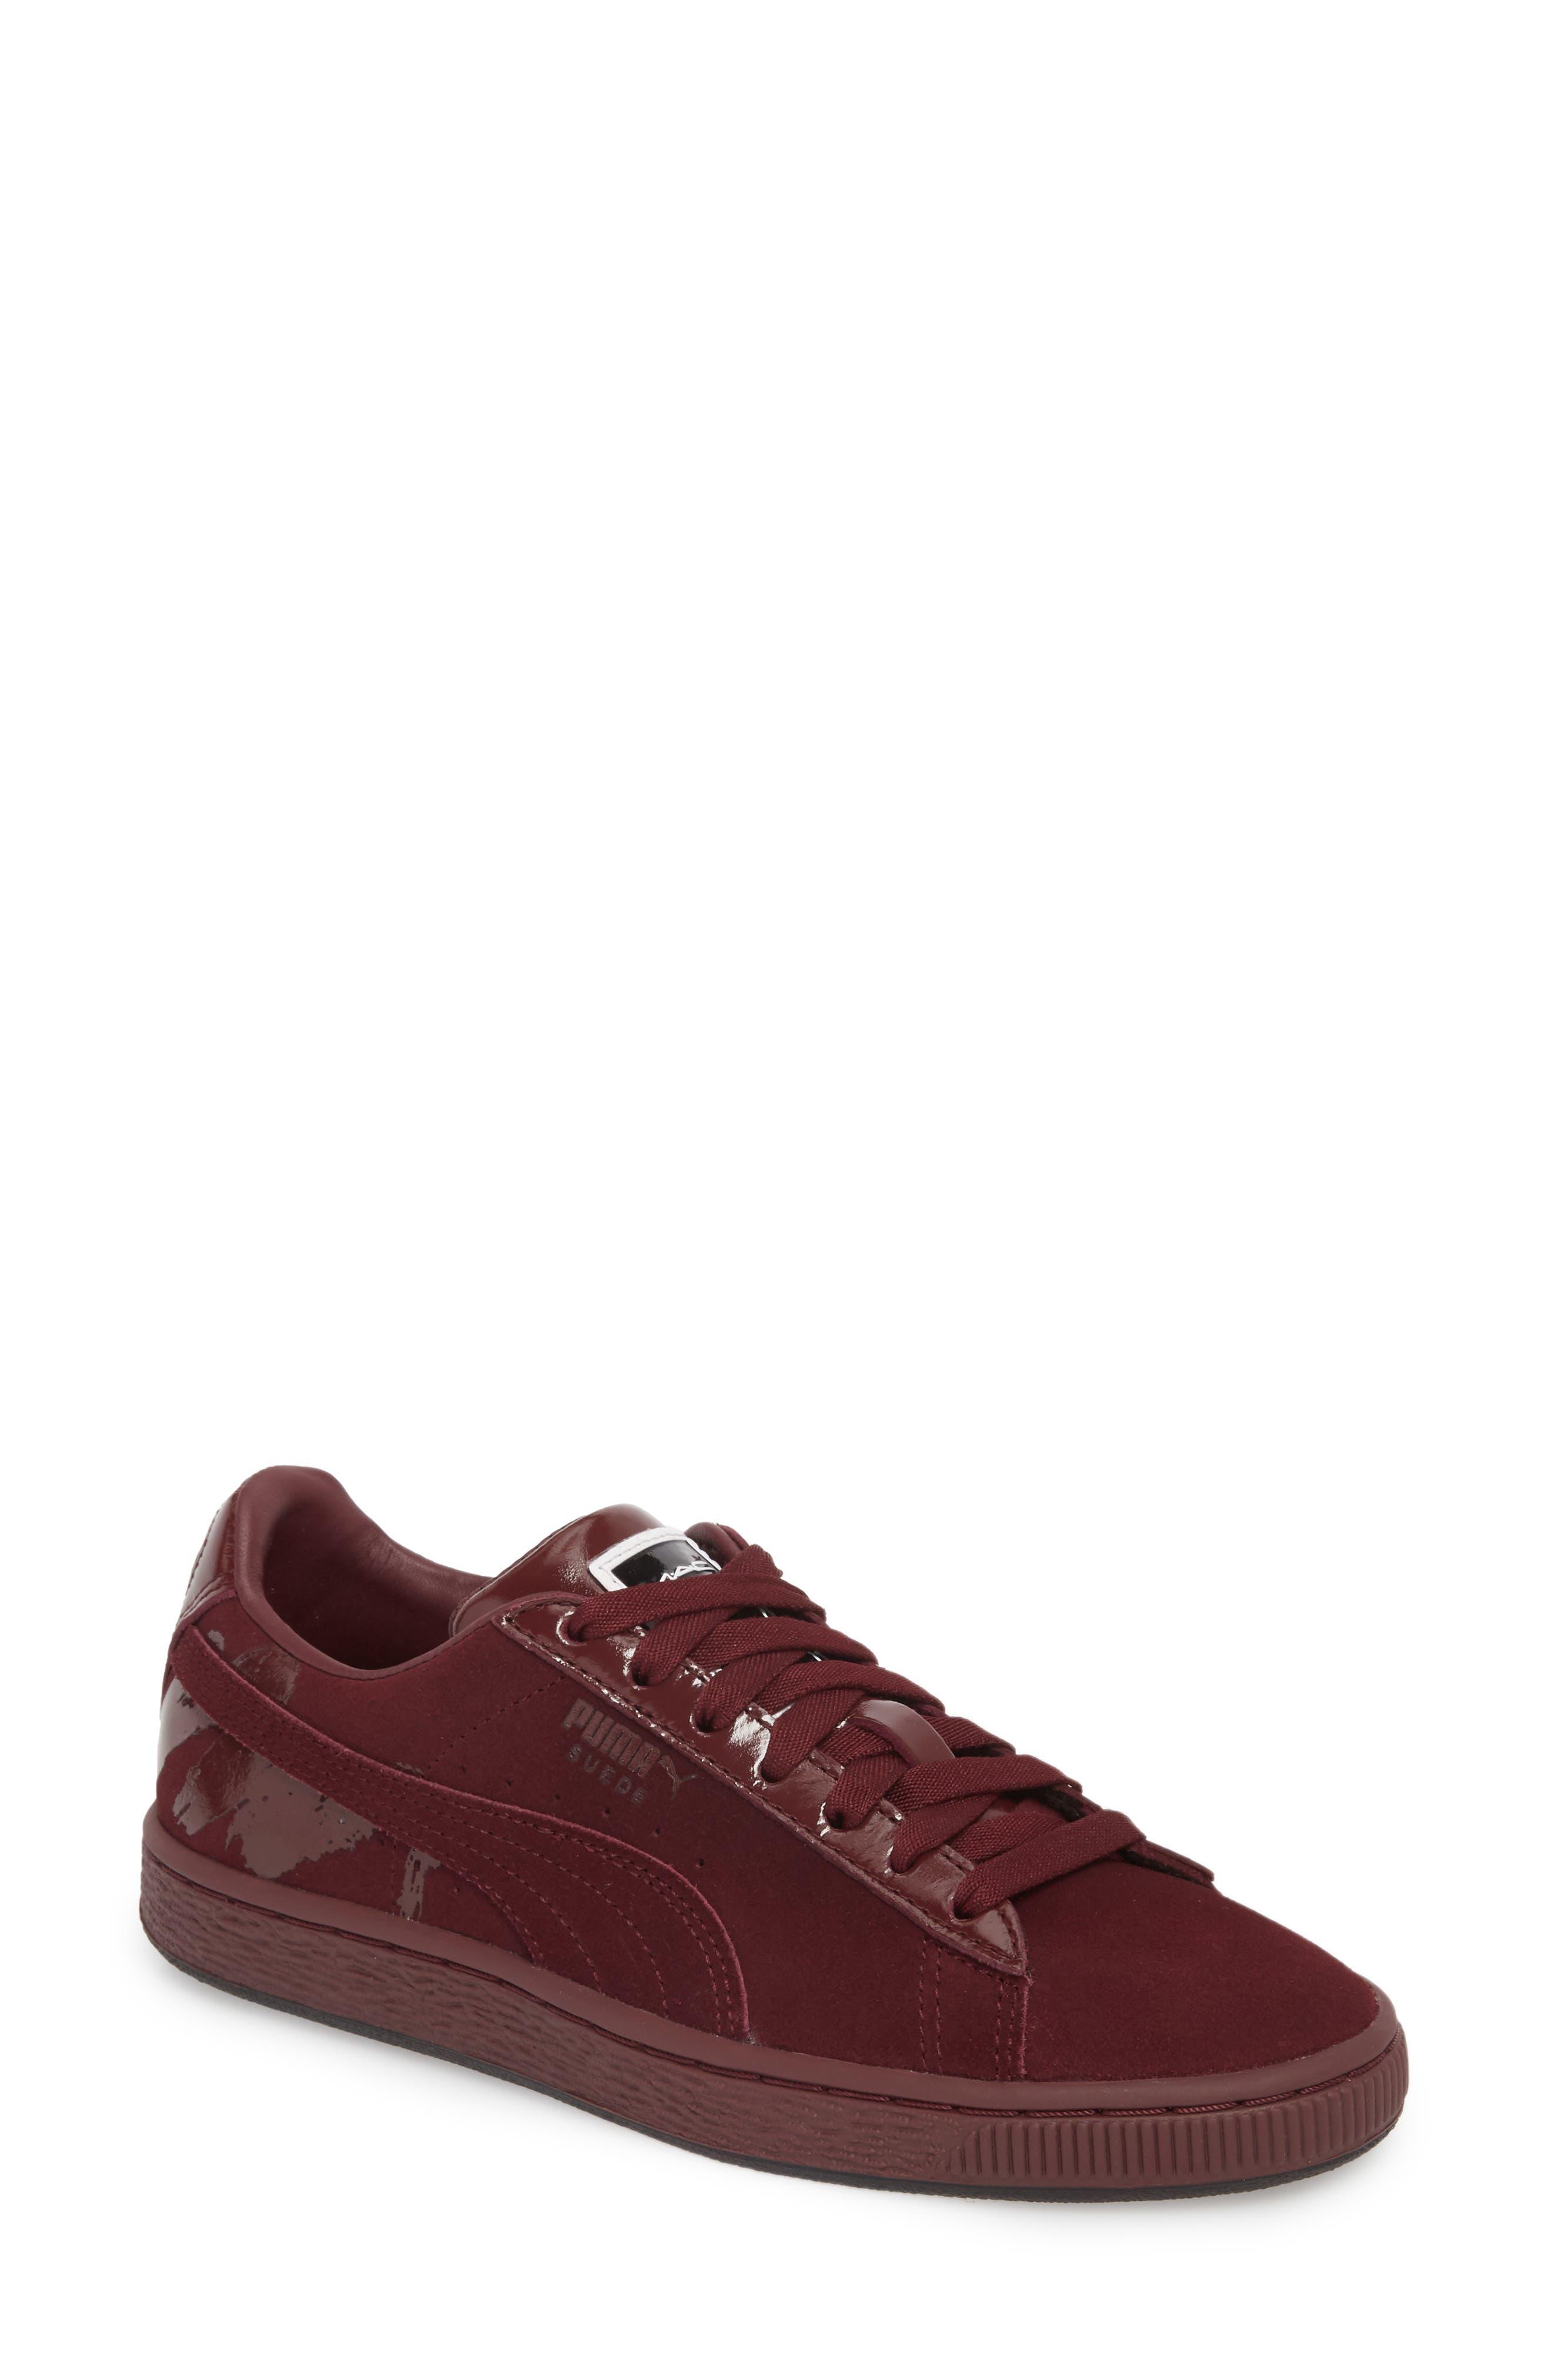 PUMA x MAC ONE Suede Classic Sneaker (Women)